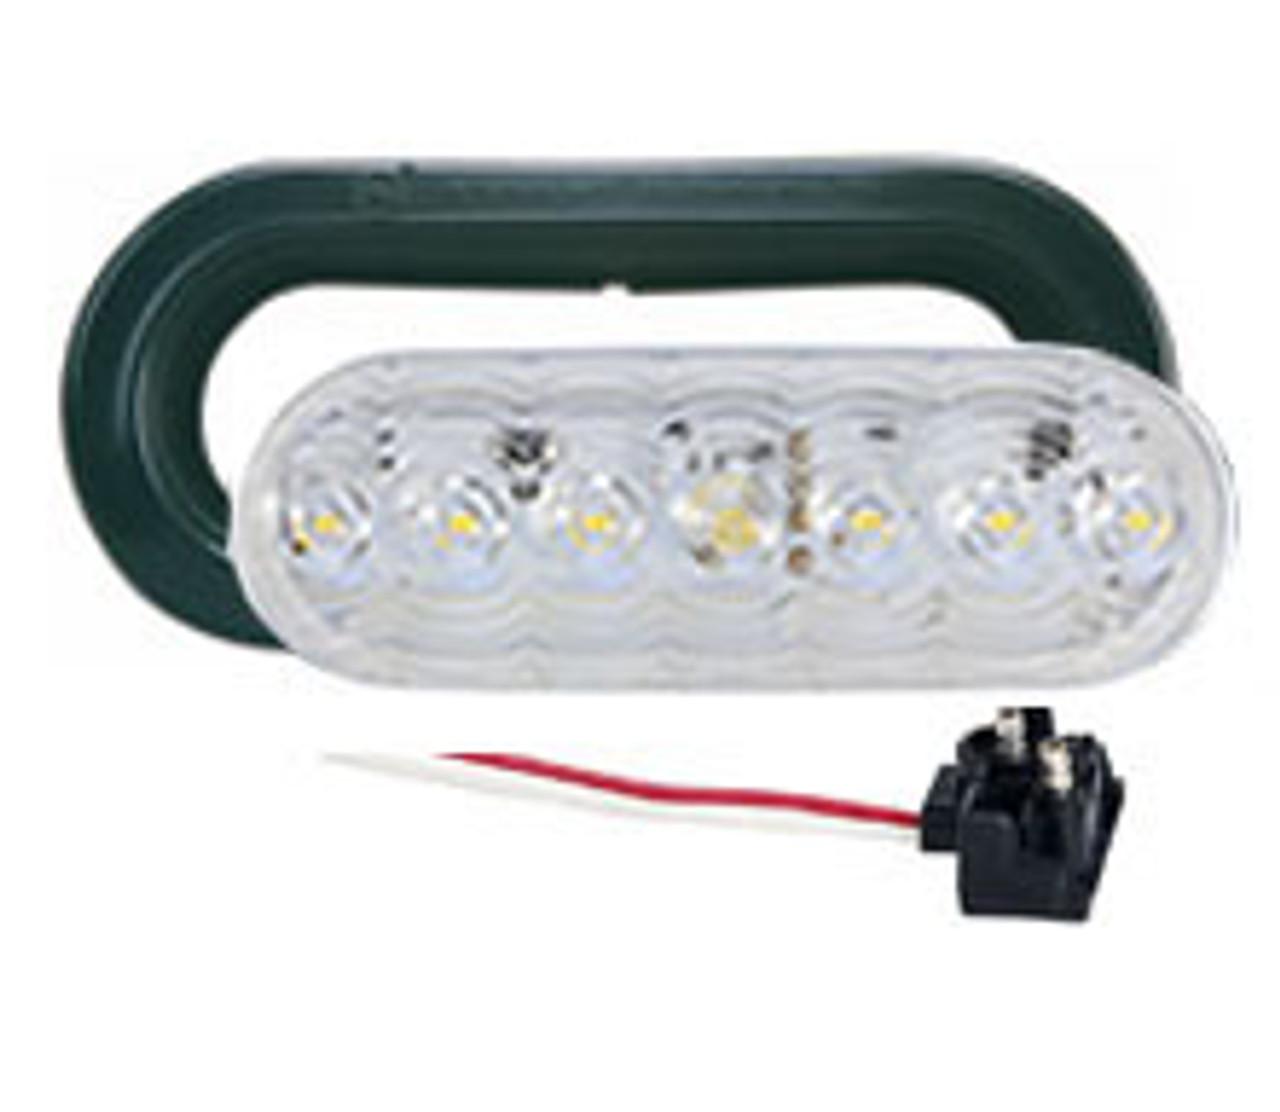 LED416CBUK7 --- Oval Sealed LED Back Up Light Kit